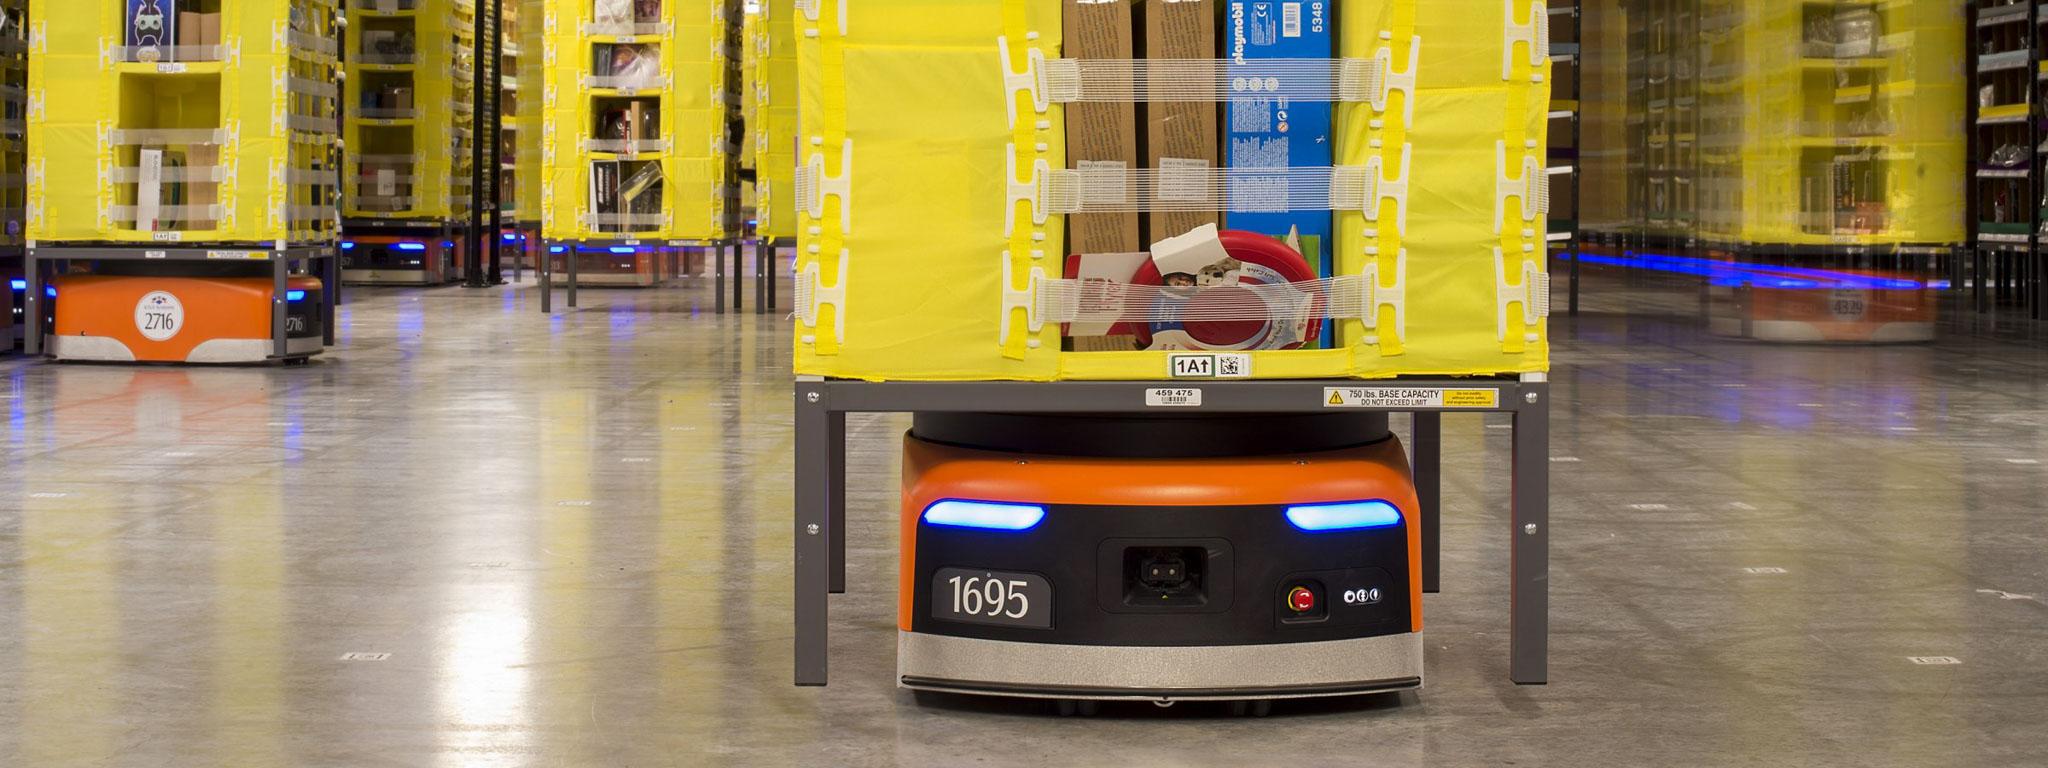 CV-Amazon-Robot-Kiva-1.jpg